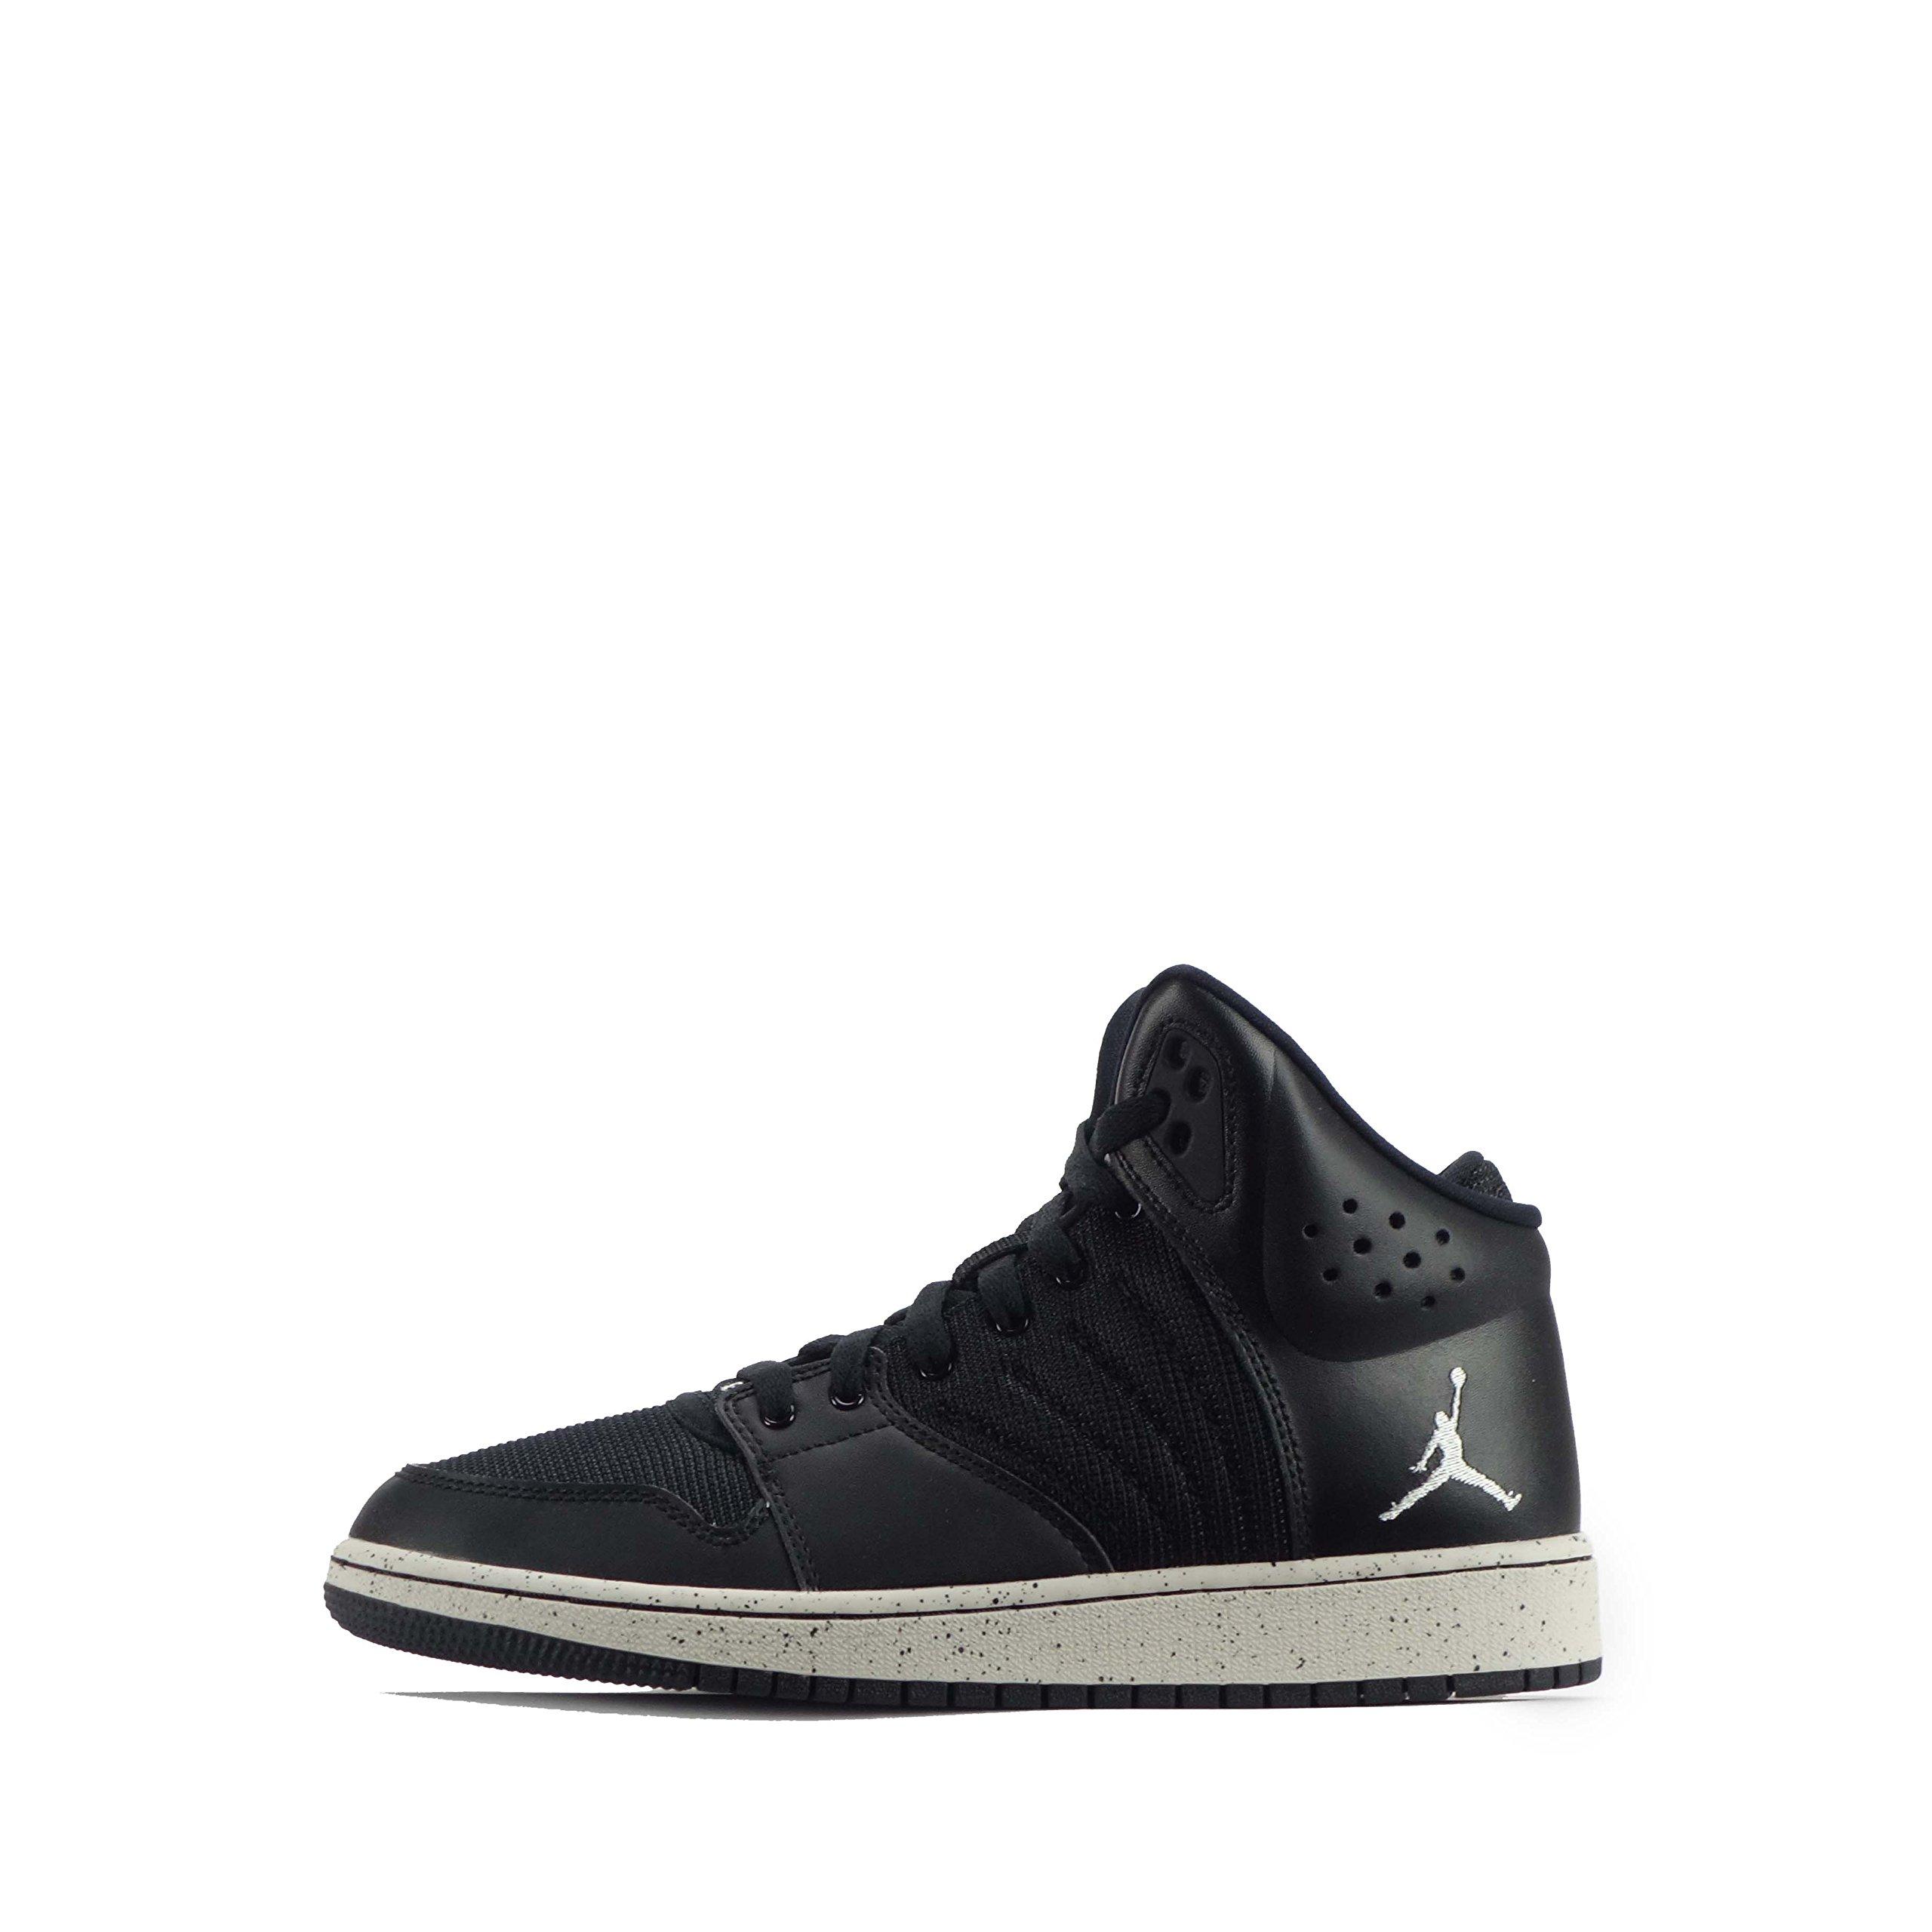 NIKE Jordan 1 Flight 4 Prem BG Hi Top Trainers 828237 Sneakers Shoes (5 M US Big Kid, Dark Shadow/Ink-Black-Spice' 020)